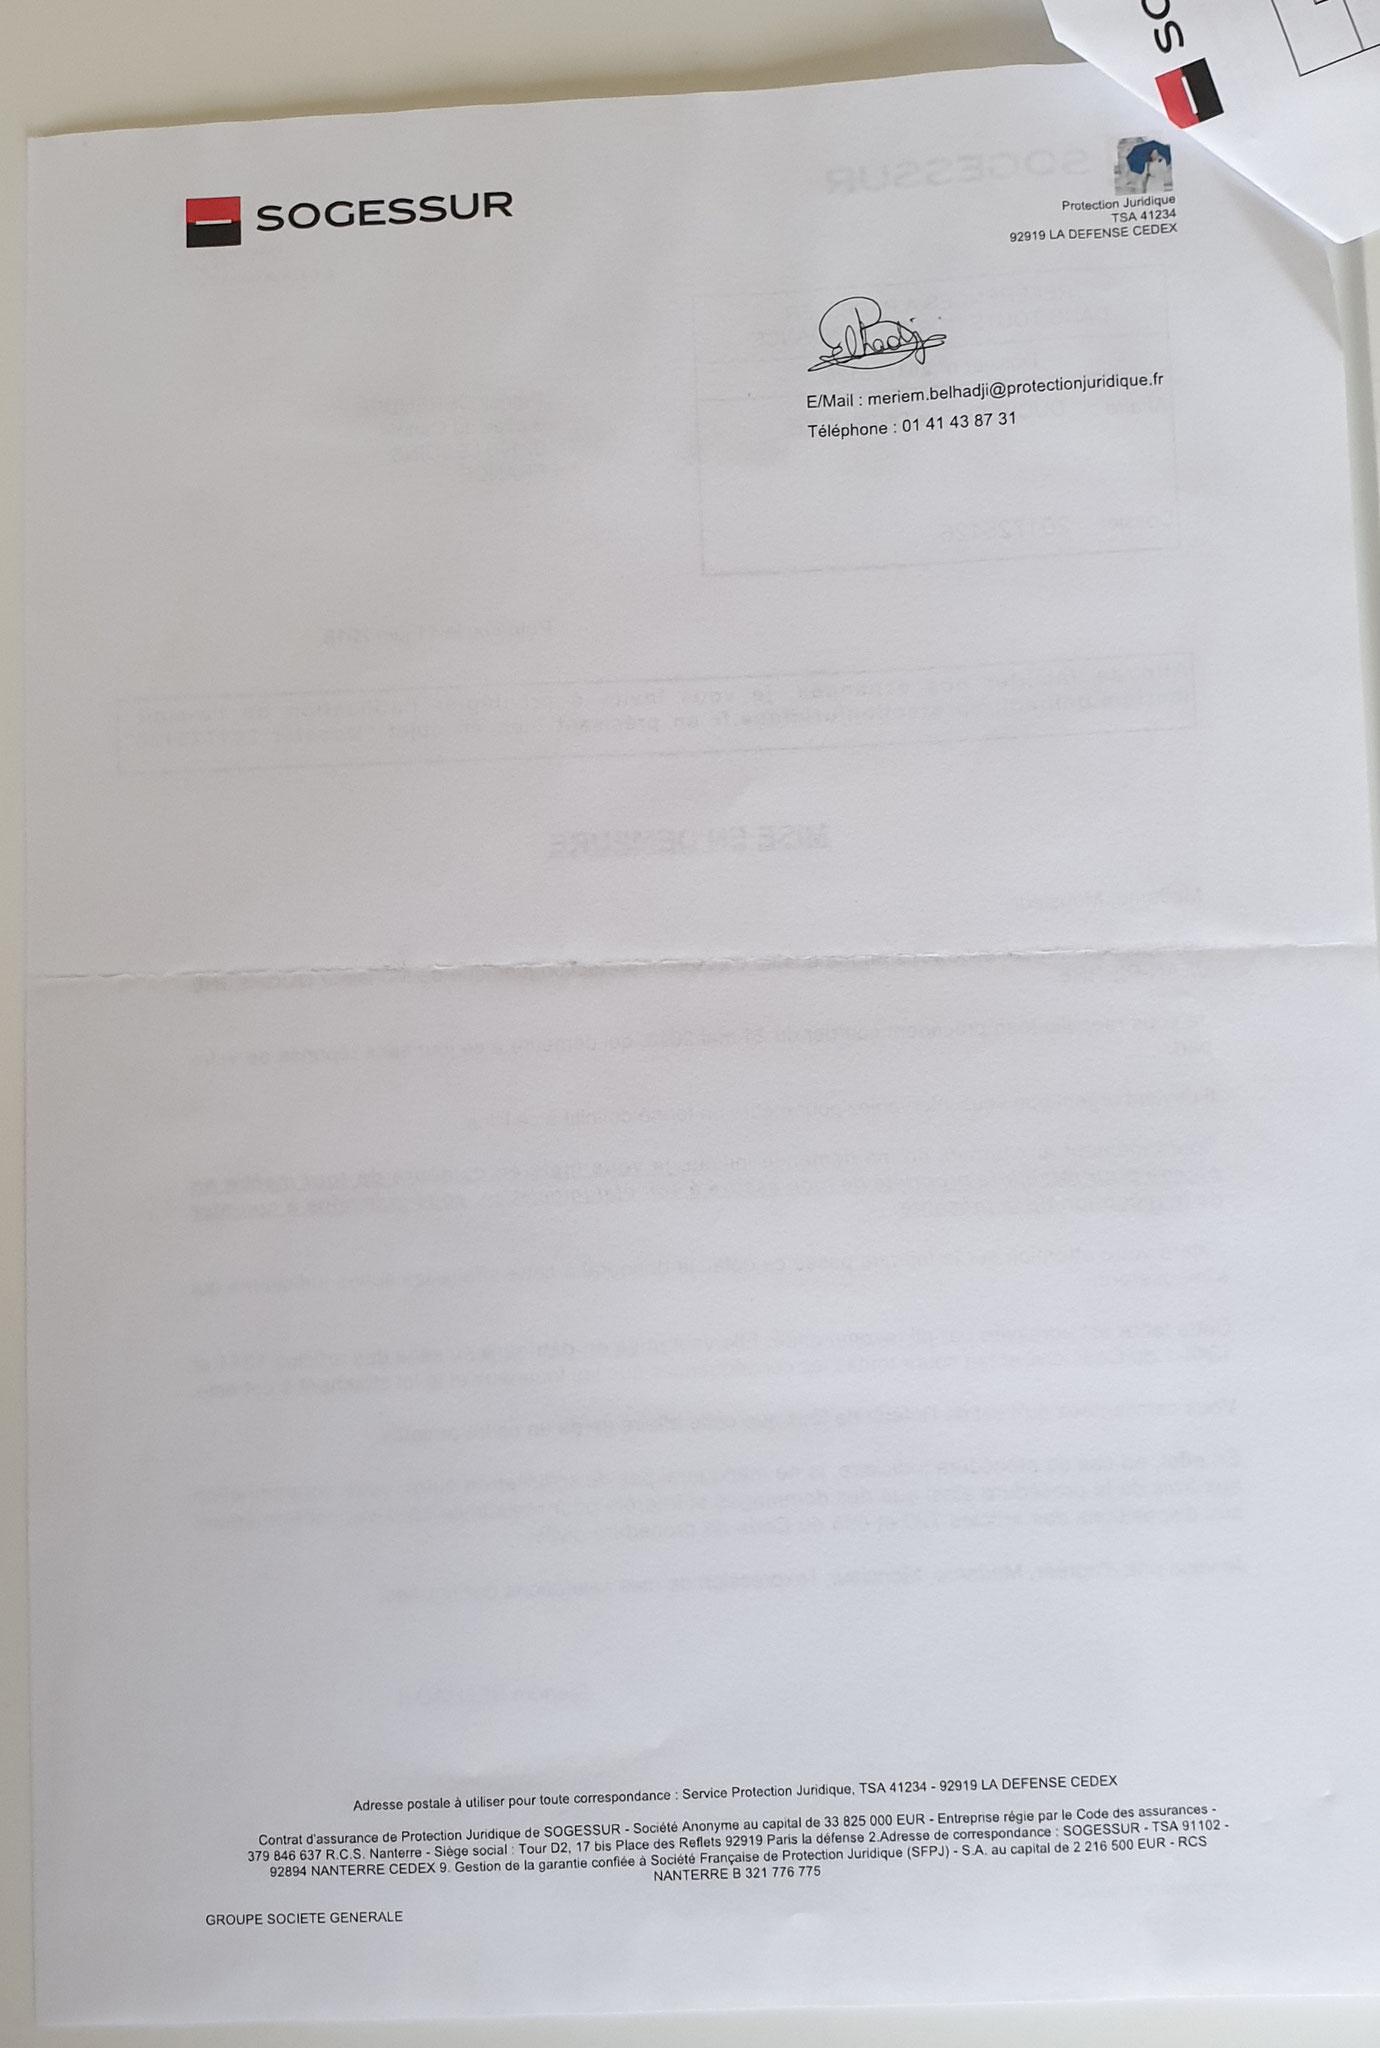 AFFAIRE NOS CHERS VOISINS LRARDu 11 Juin 2018  simple lettre (Une page Recto verso) www.jesuisvictime.fr www.jesuispatrick.fr www.jenesuispasunchien.fr PARJURE & CORRUPTION